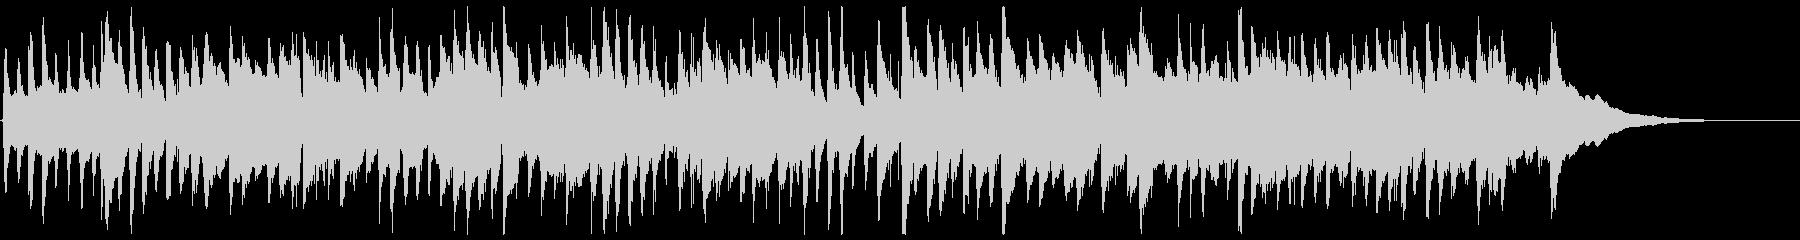 生演奏癒しのアコースティックギター曲の未再生の波形